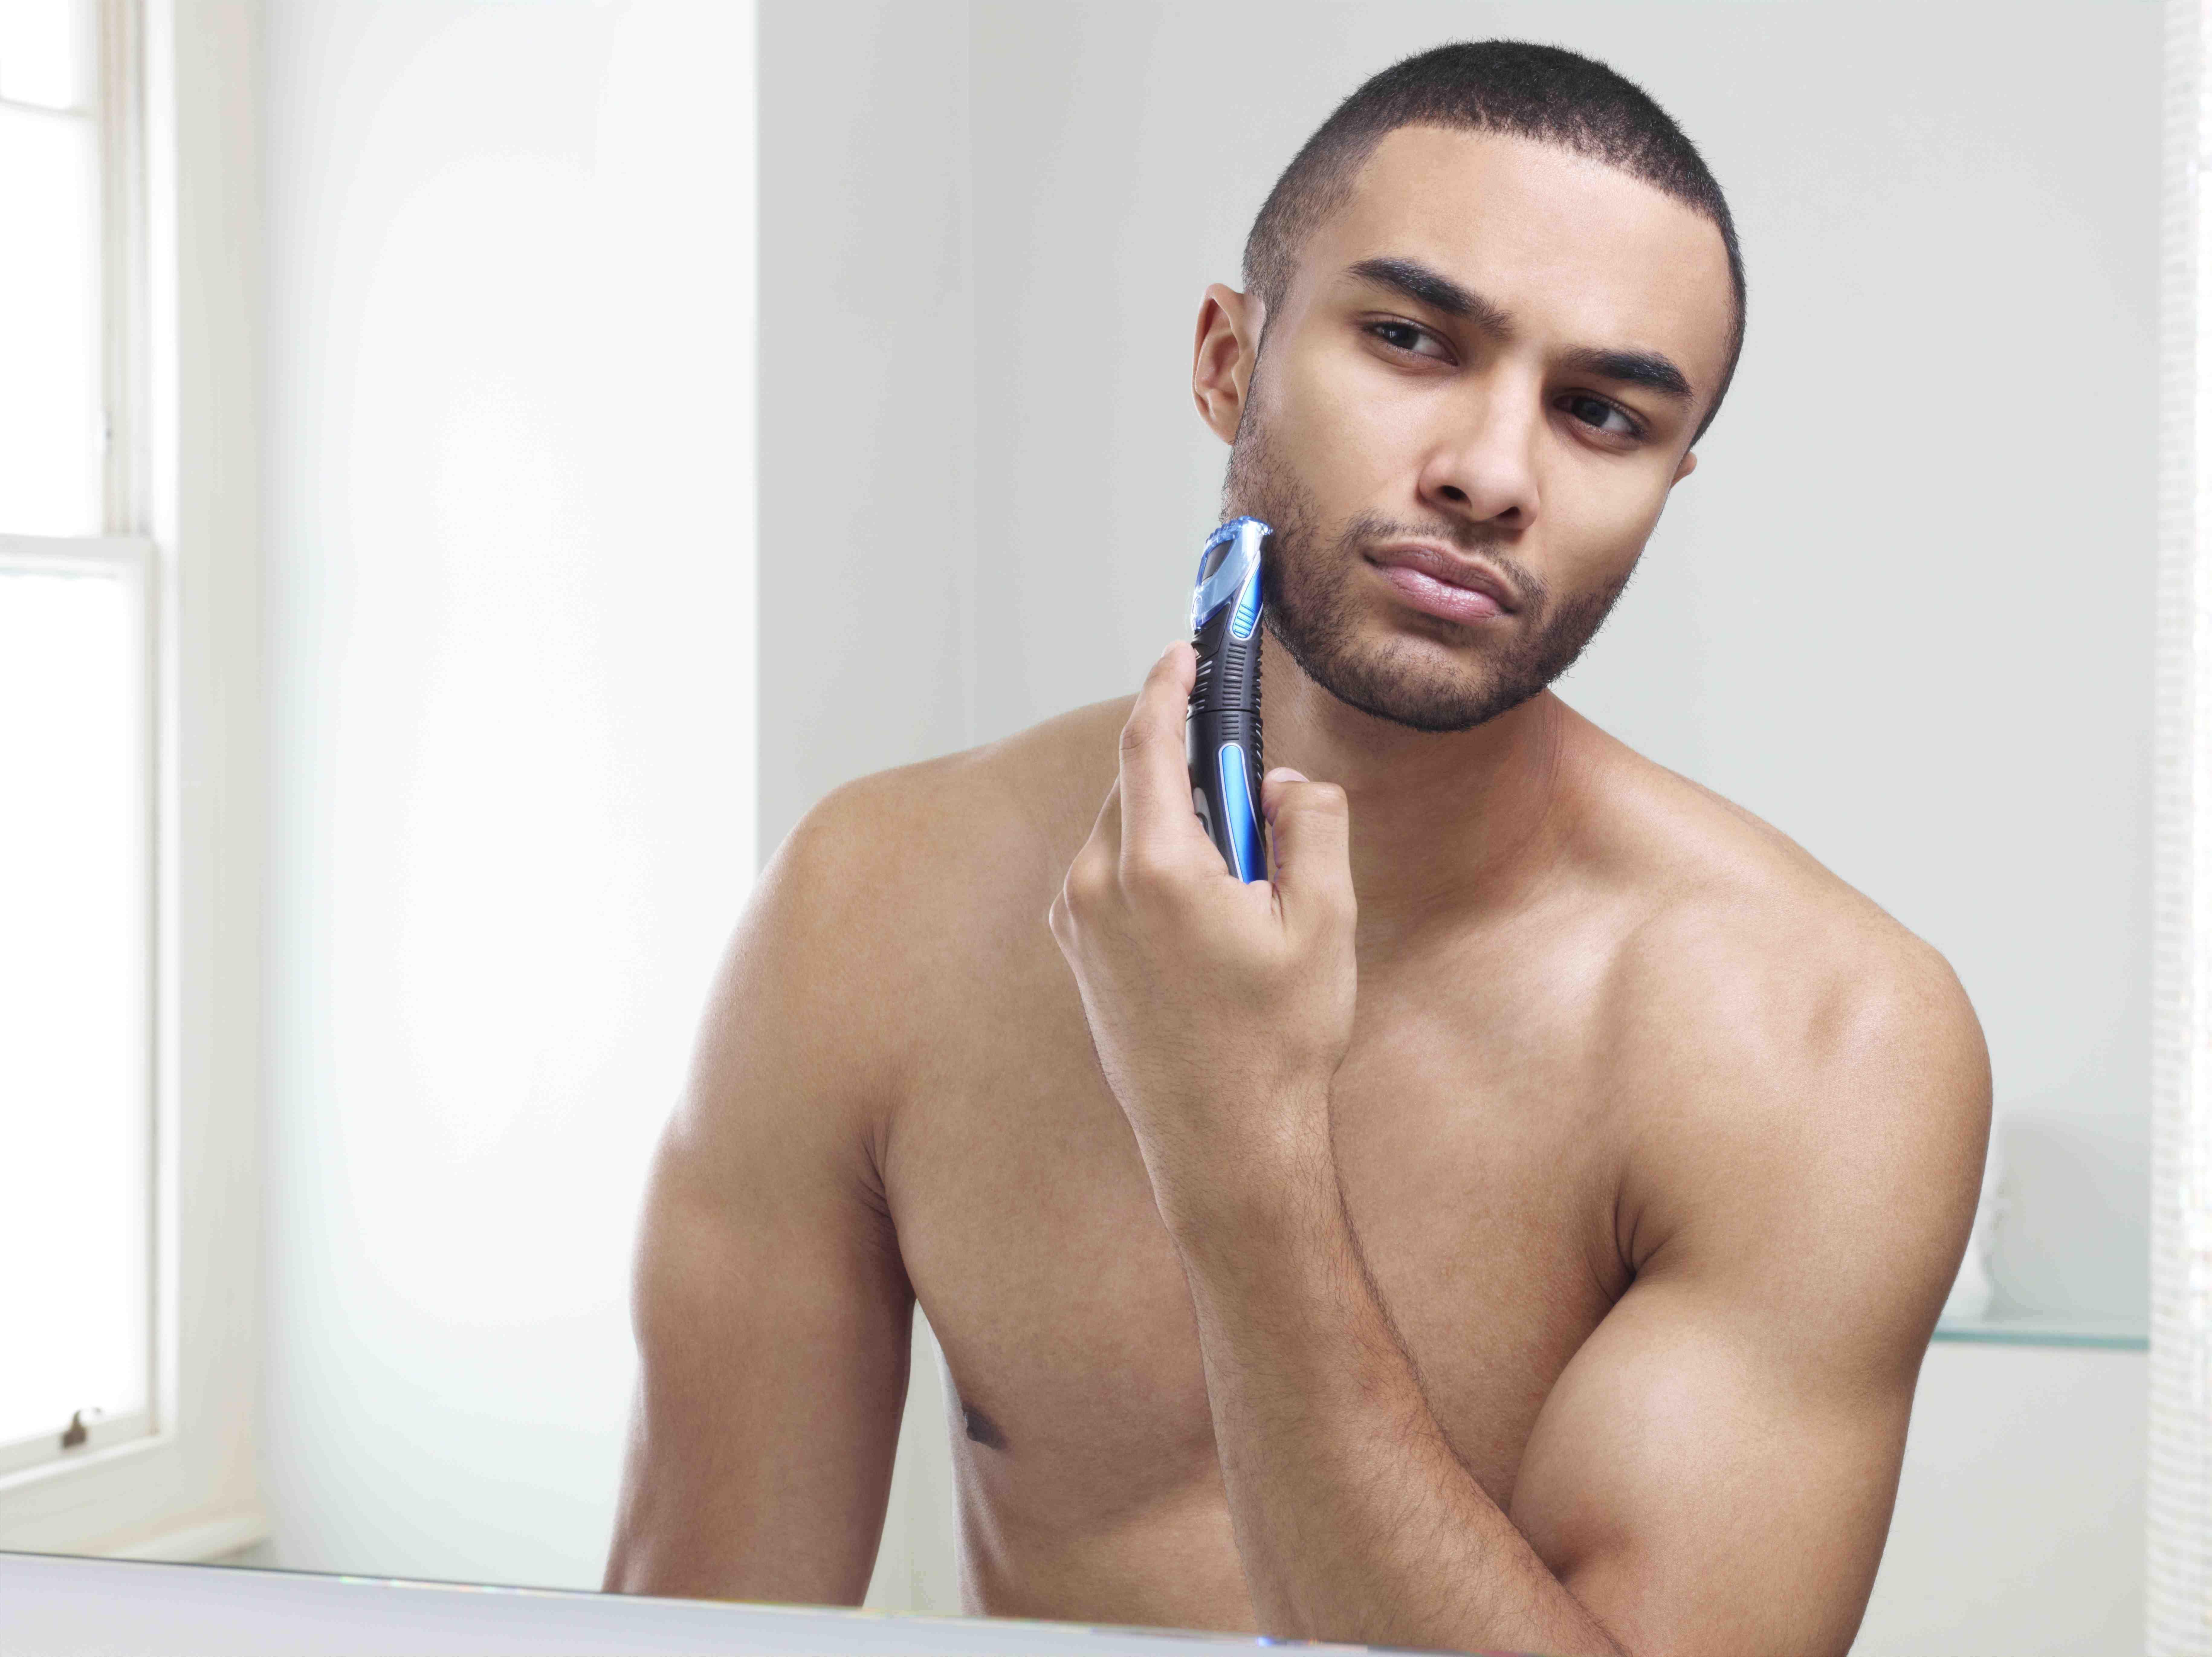 Comment bien se raser ? Et avec quoi ?